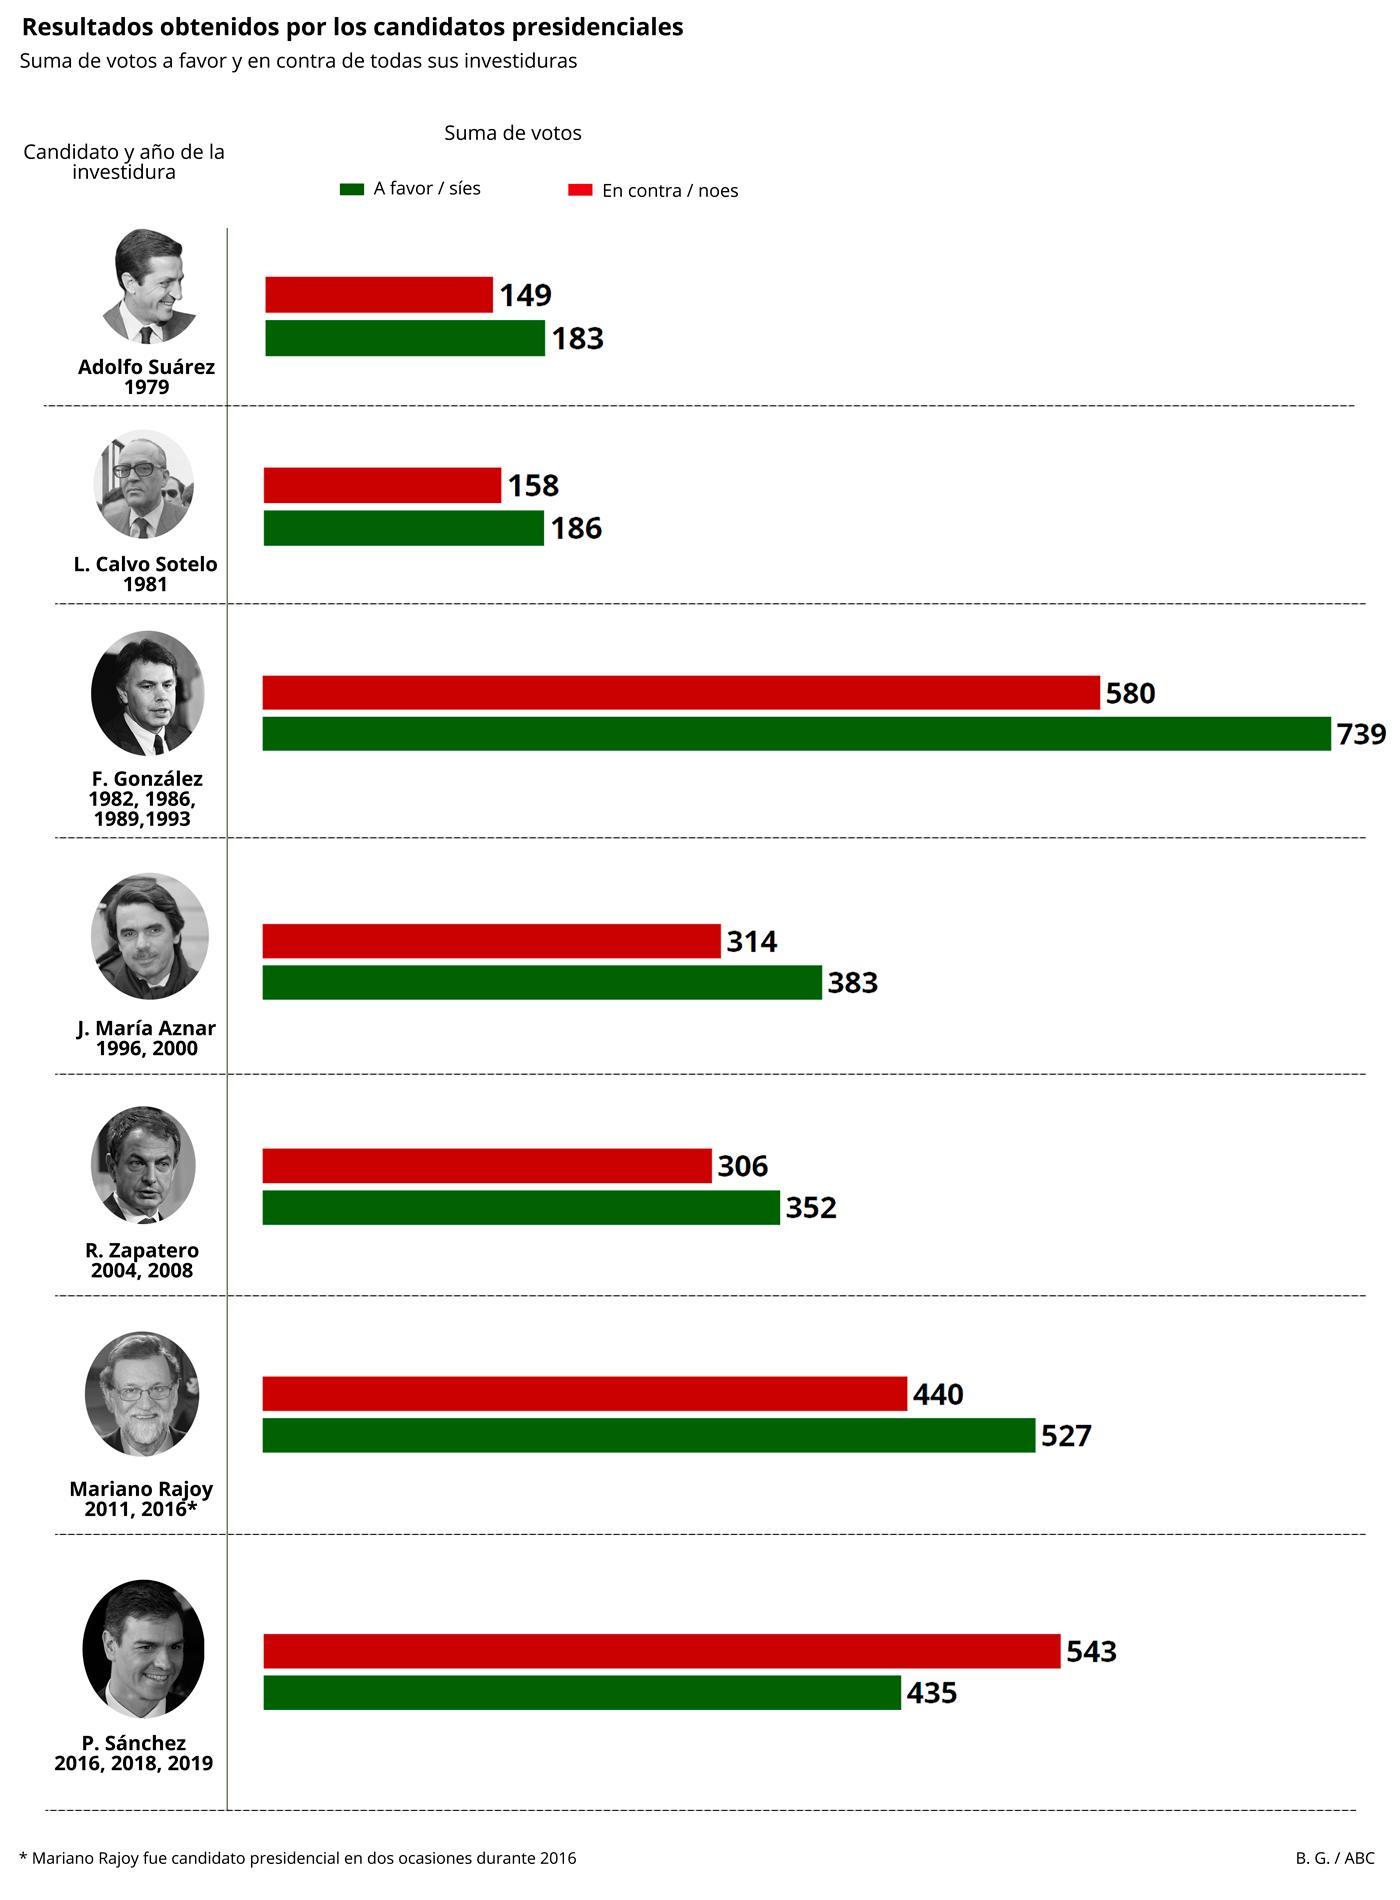 La suma de votos a favor y en contra que han obtenido los candidatos presidenciales en todas sus investiduras